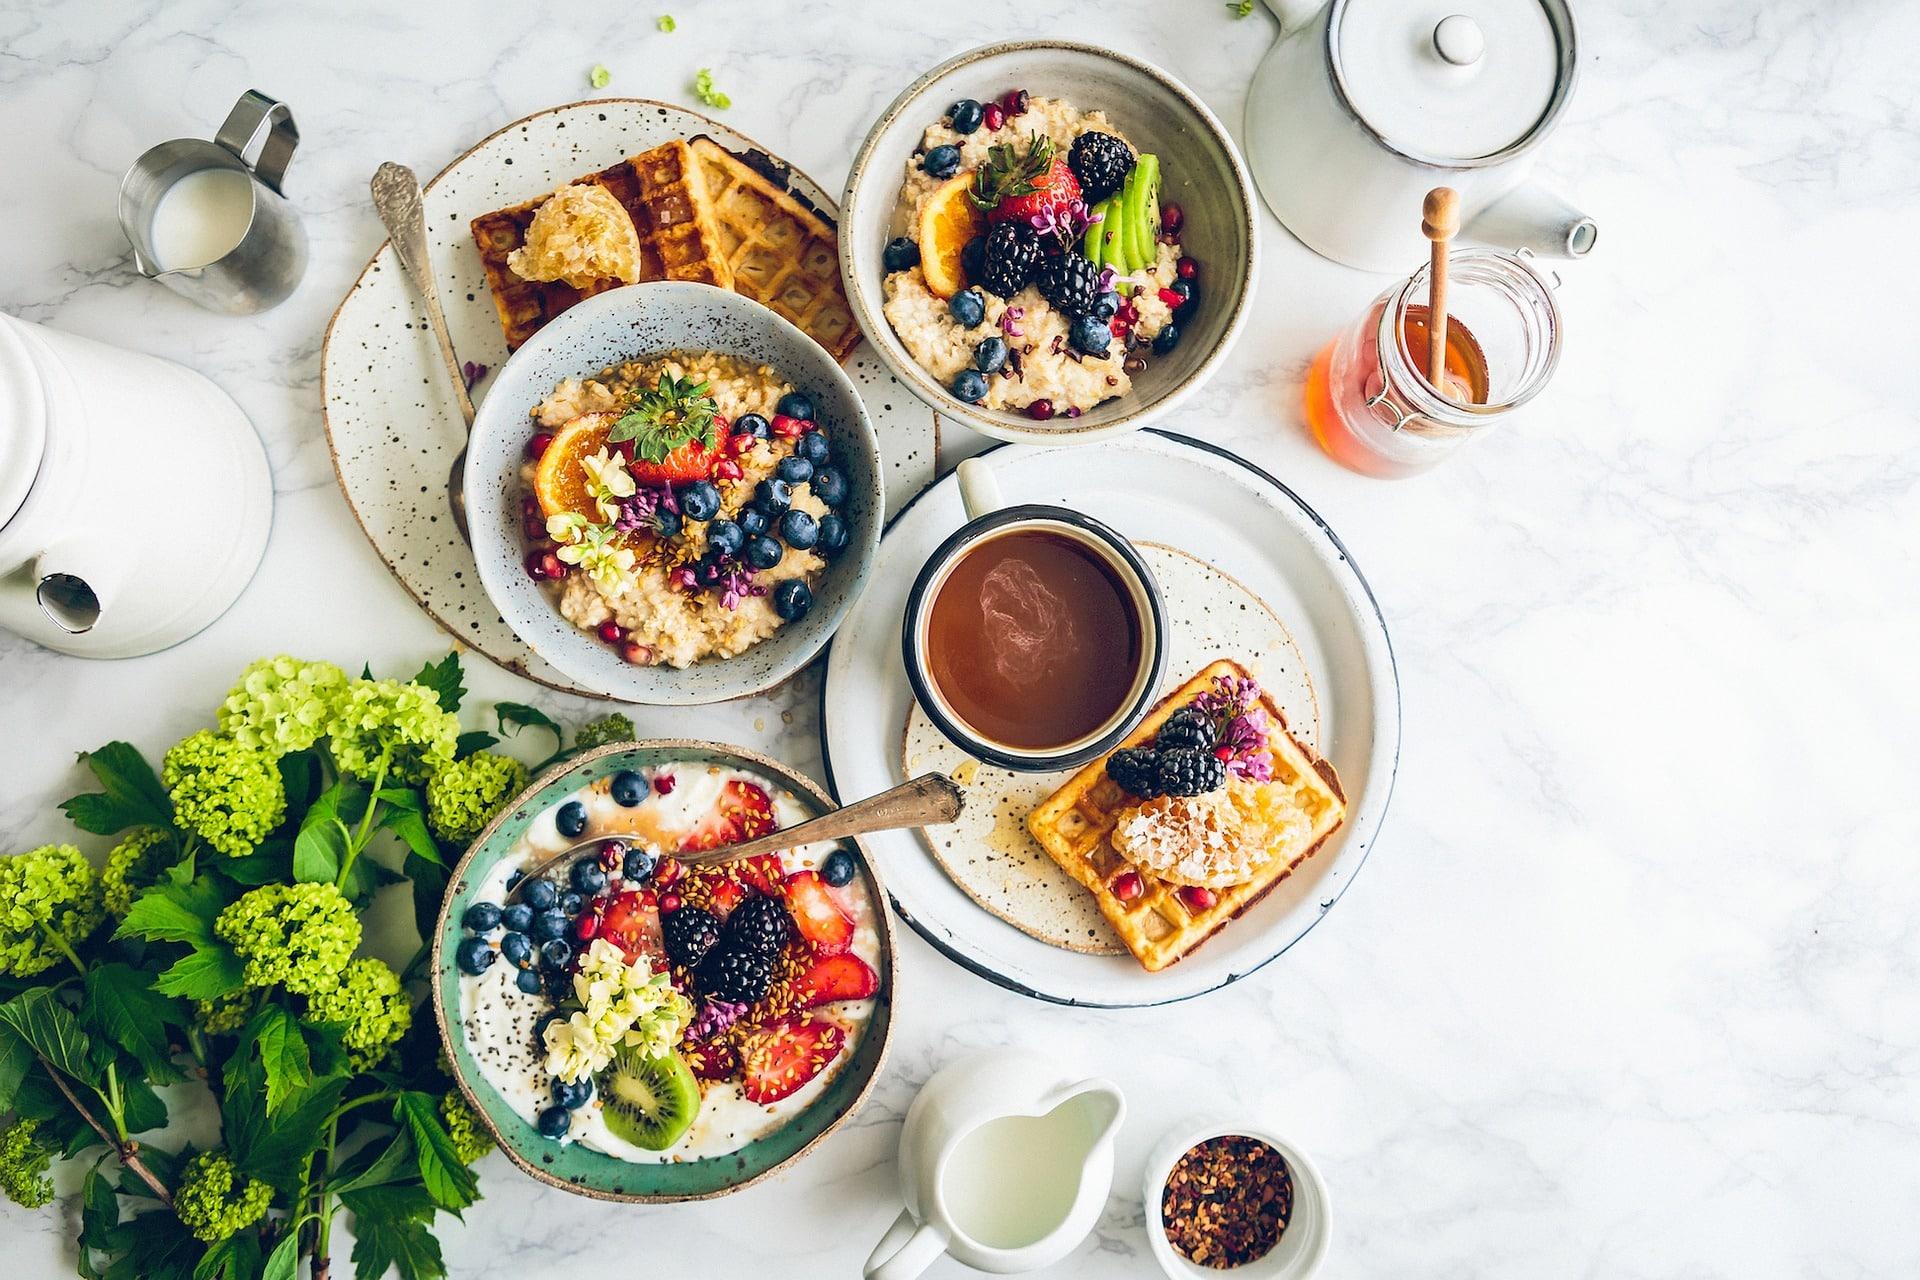 La colazione: perché è così importante